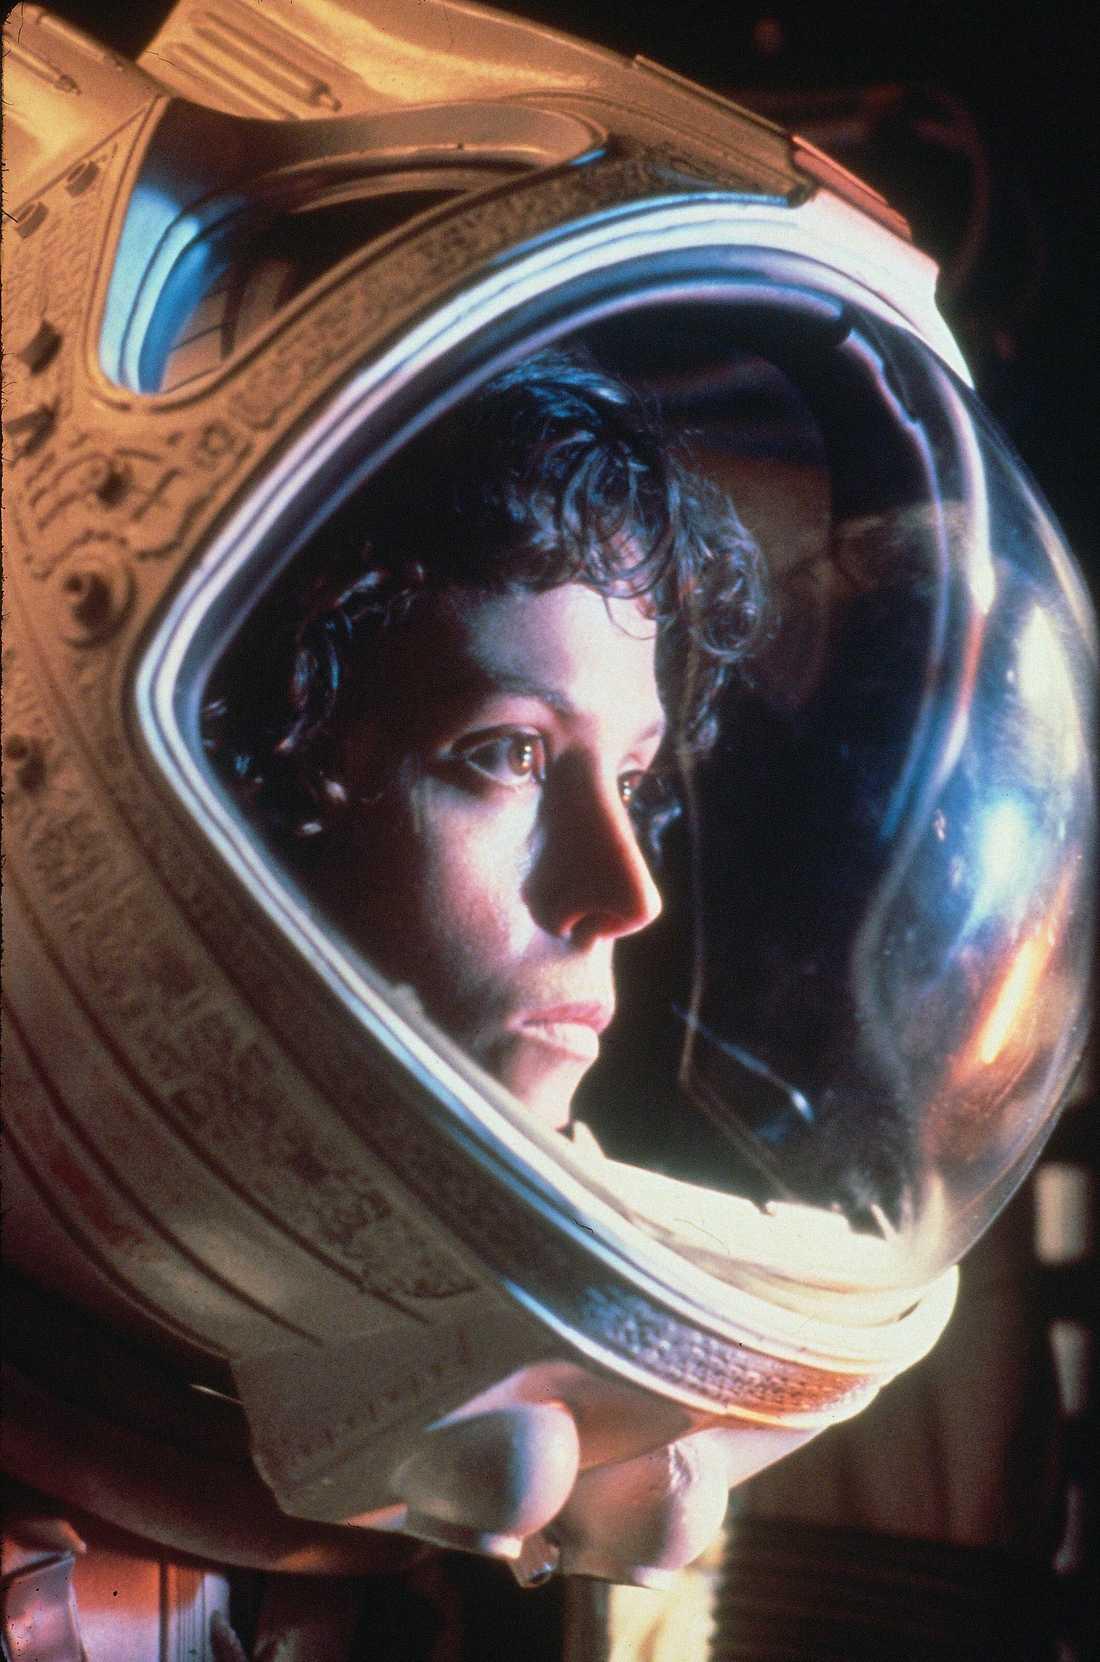 4 Alien Inspelningsår: 1979. Skådespelare: Sigourney Weaver, John Hurt, Ian Holm. Handlingen i korthet: Besättningen på rymdskeppet Nostromo påträffar en dreglande livsform med kapacitet att utrota hela mänskligheten. Klassisk scen: John Hurts bröstkorg exploderar och ut kommer filmhistoriens bästa monster – någonsin.